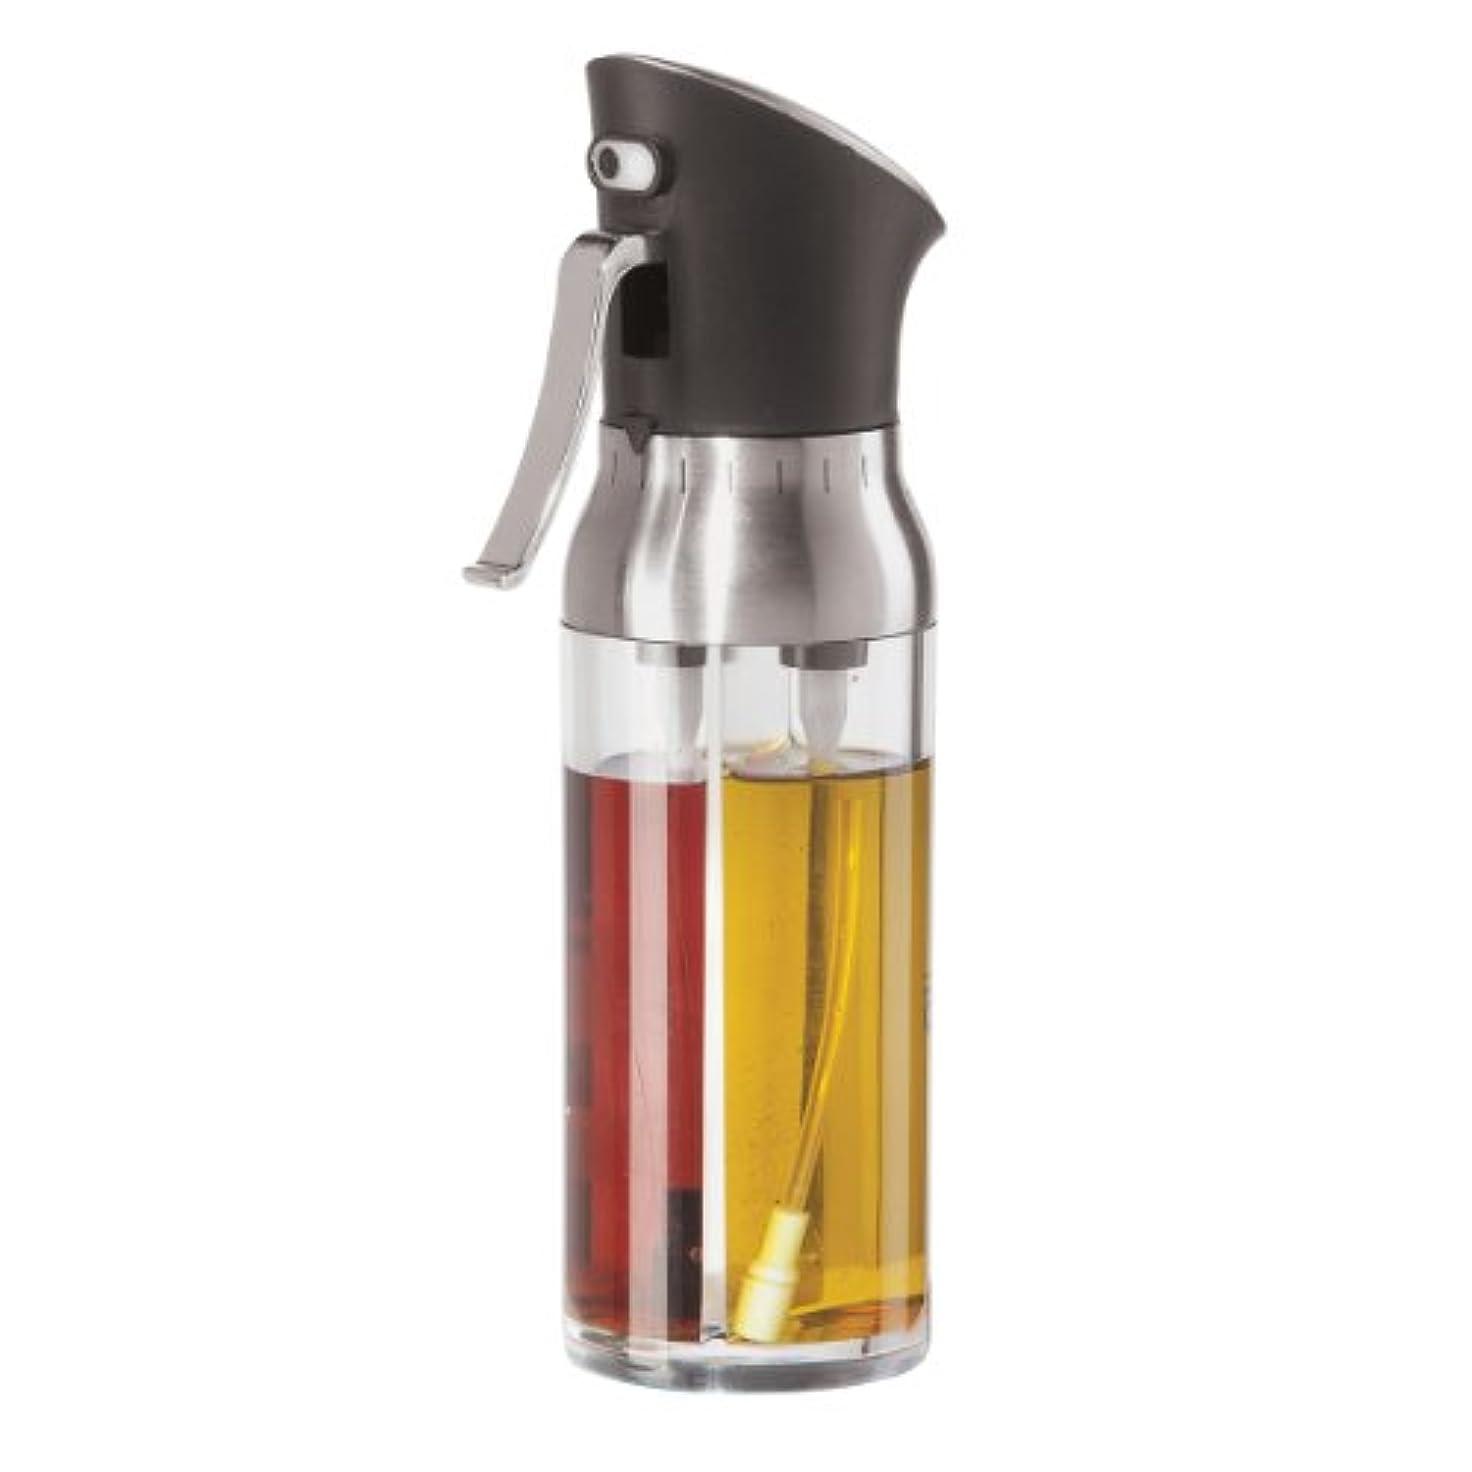 多様性関係する月曜Oggi 6004 Mix and Mist Combination Oil and Vinegar Spray Bottle